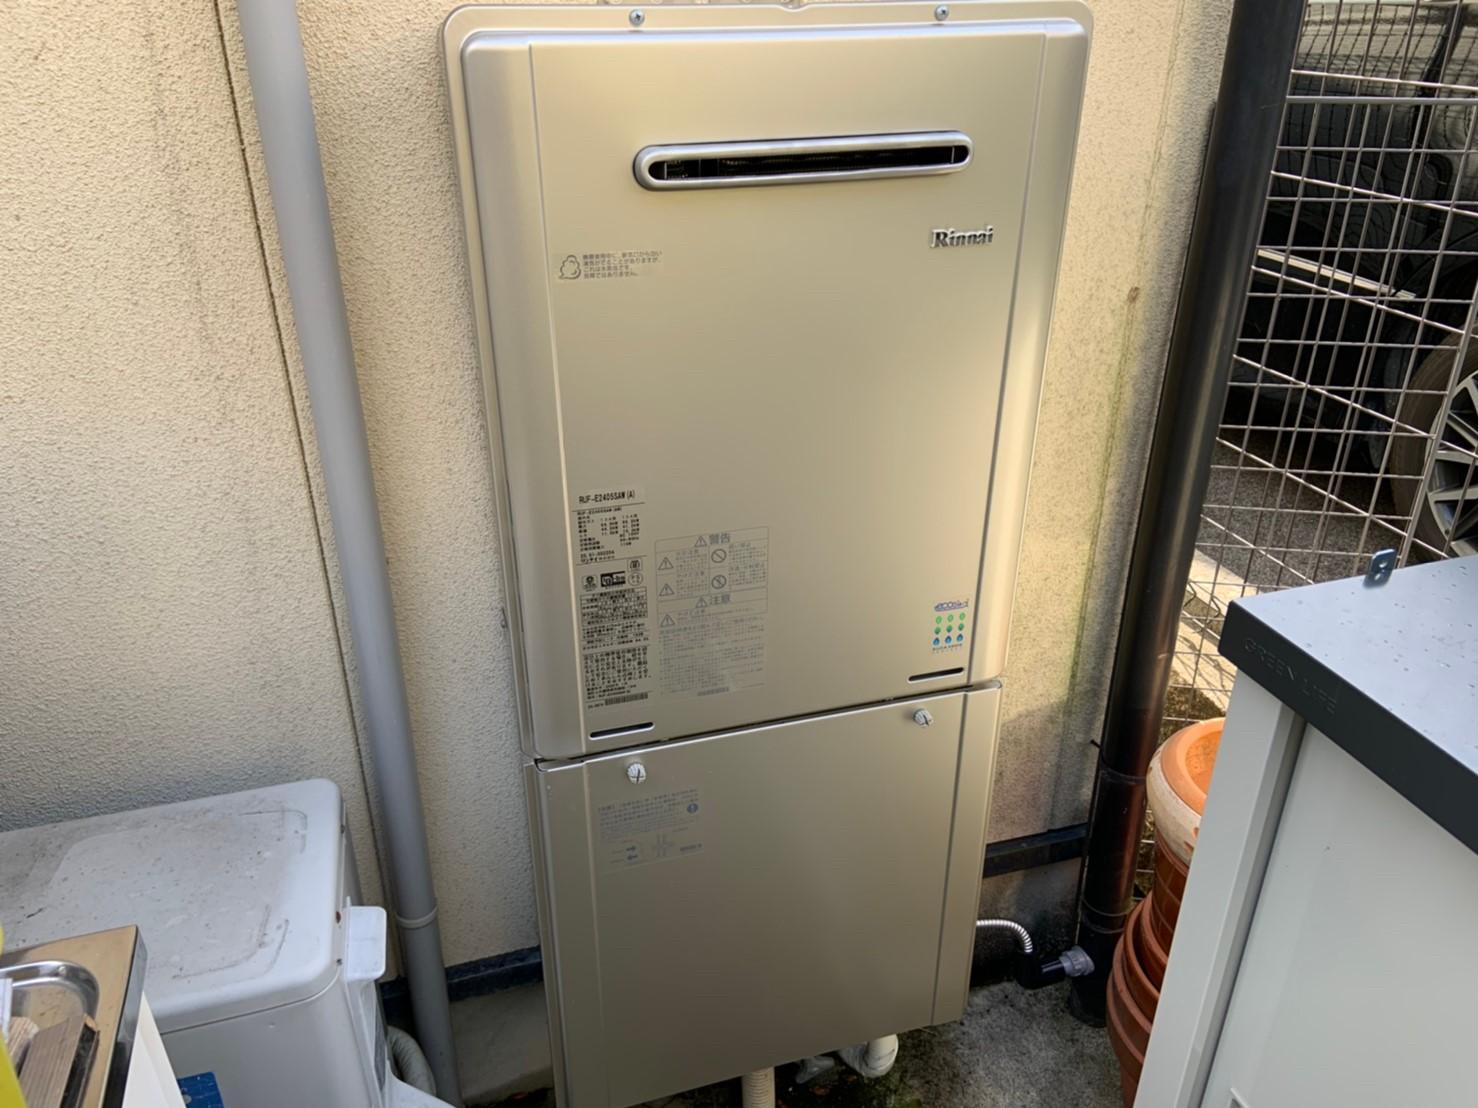 従来型ガス給湯器からエコジョーズへの交換工事(RUF-E2405SAW)【京都市北区】